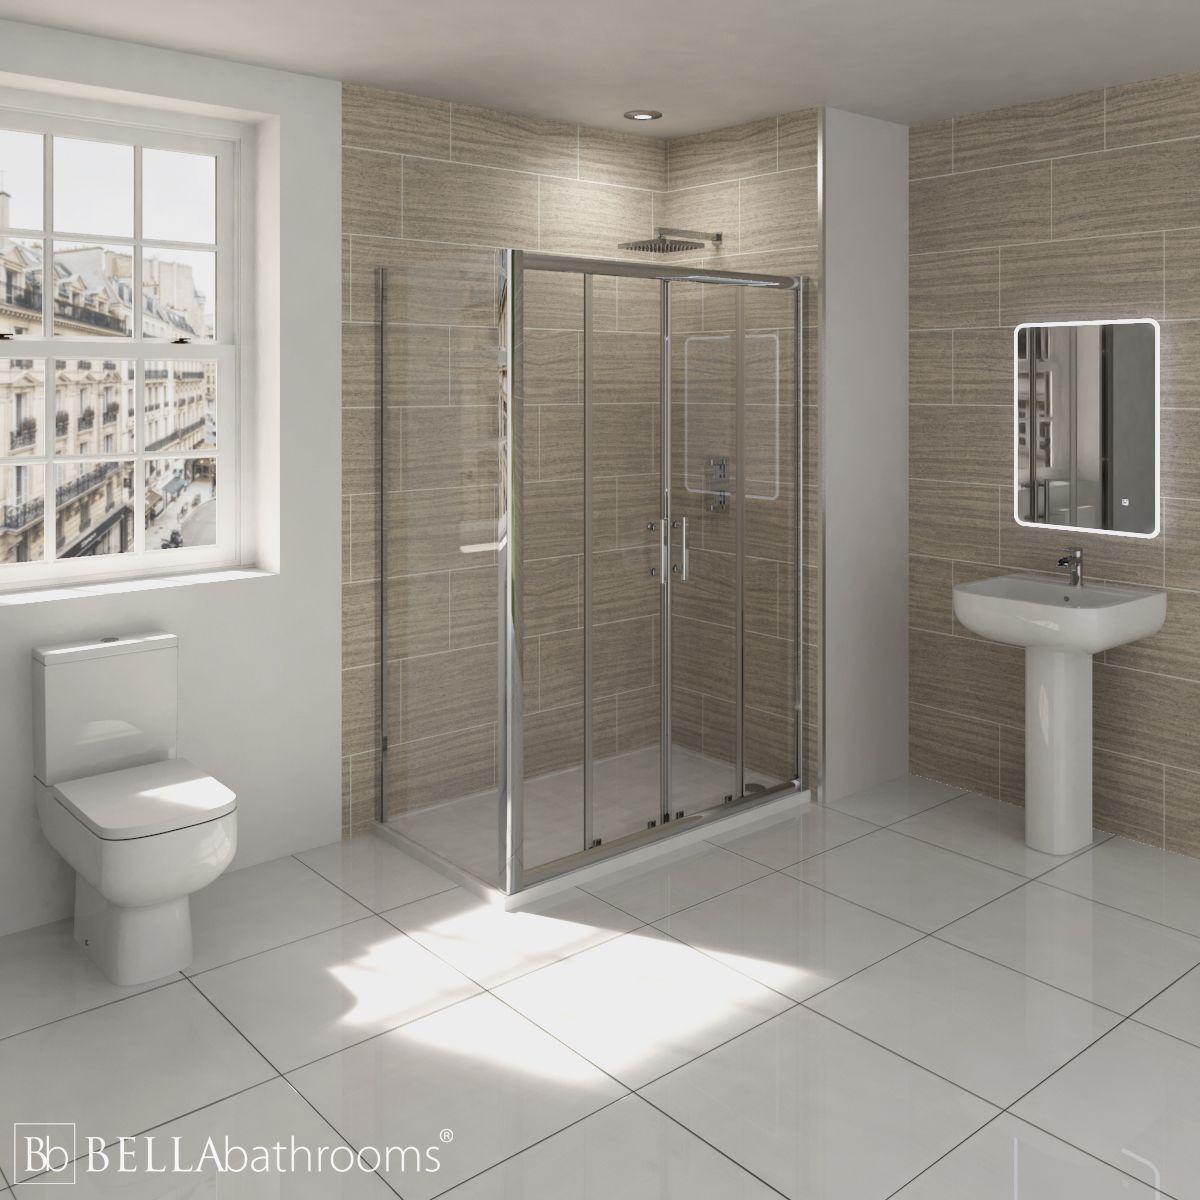 RAK Series 600 En-Suite Bathroom with Pacific Double Sliding Door Shower Enclosure